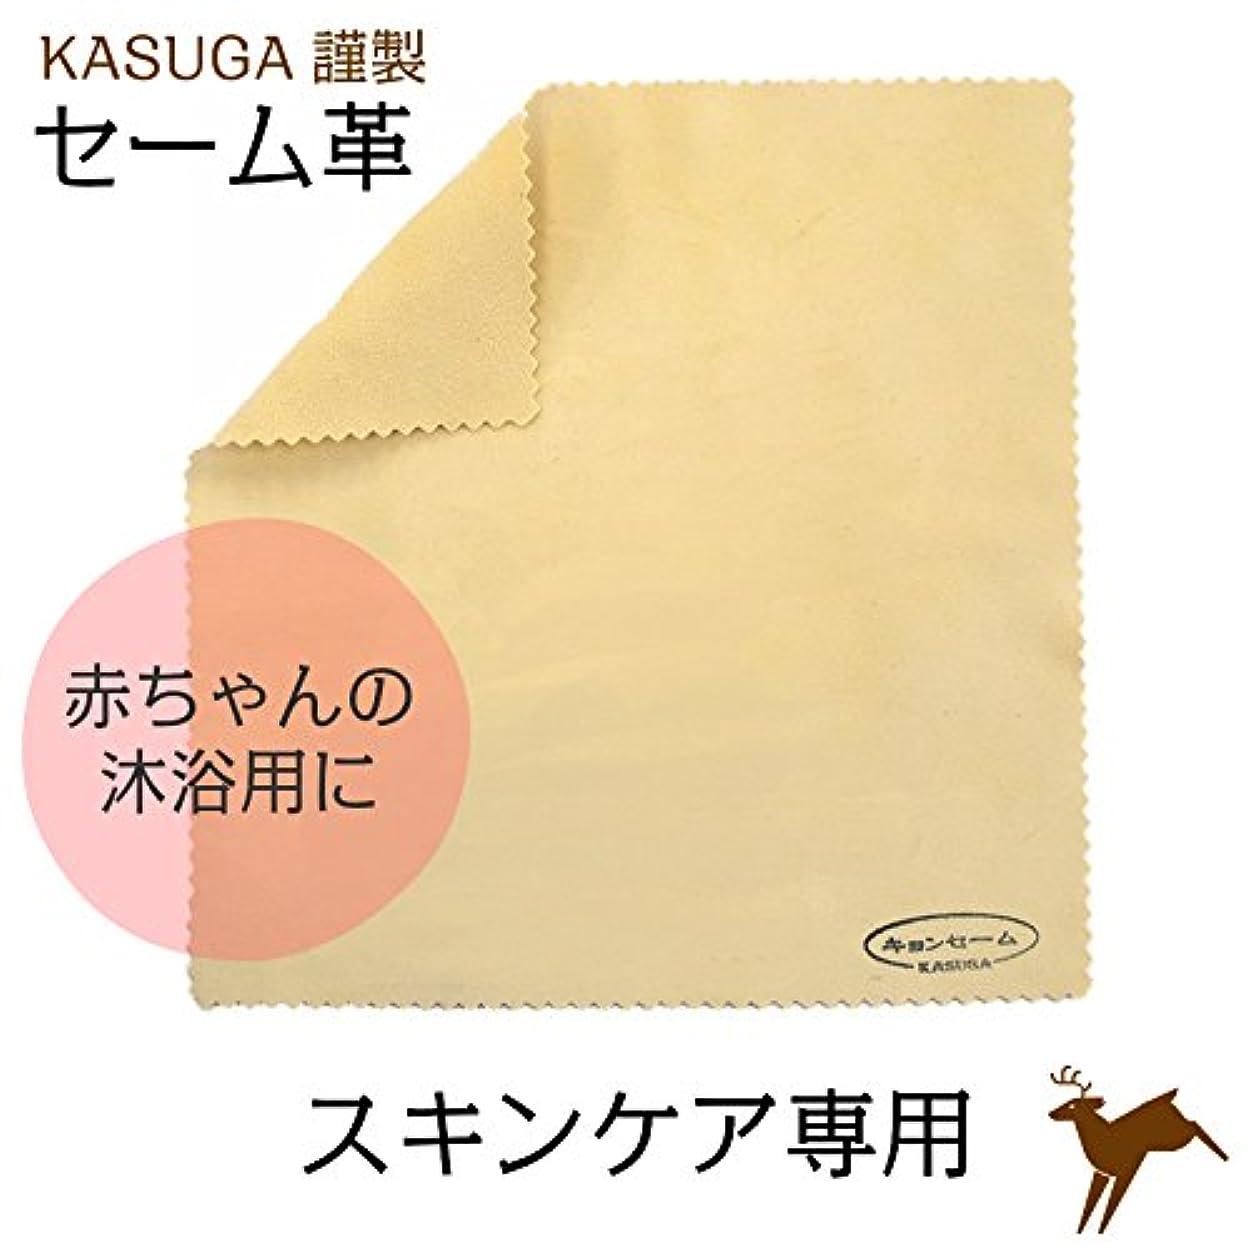 悲観的花弁ピアノを弾く春日カスガ謹製 スキンケア専用キョンセーム革 20cm×20cm